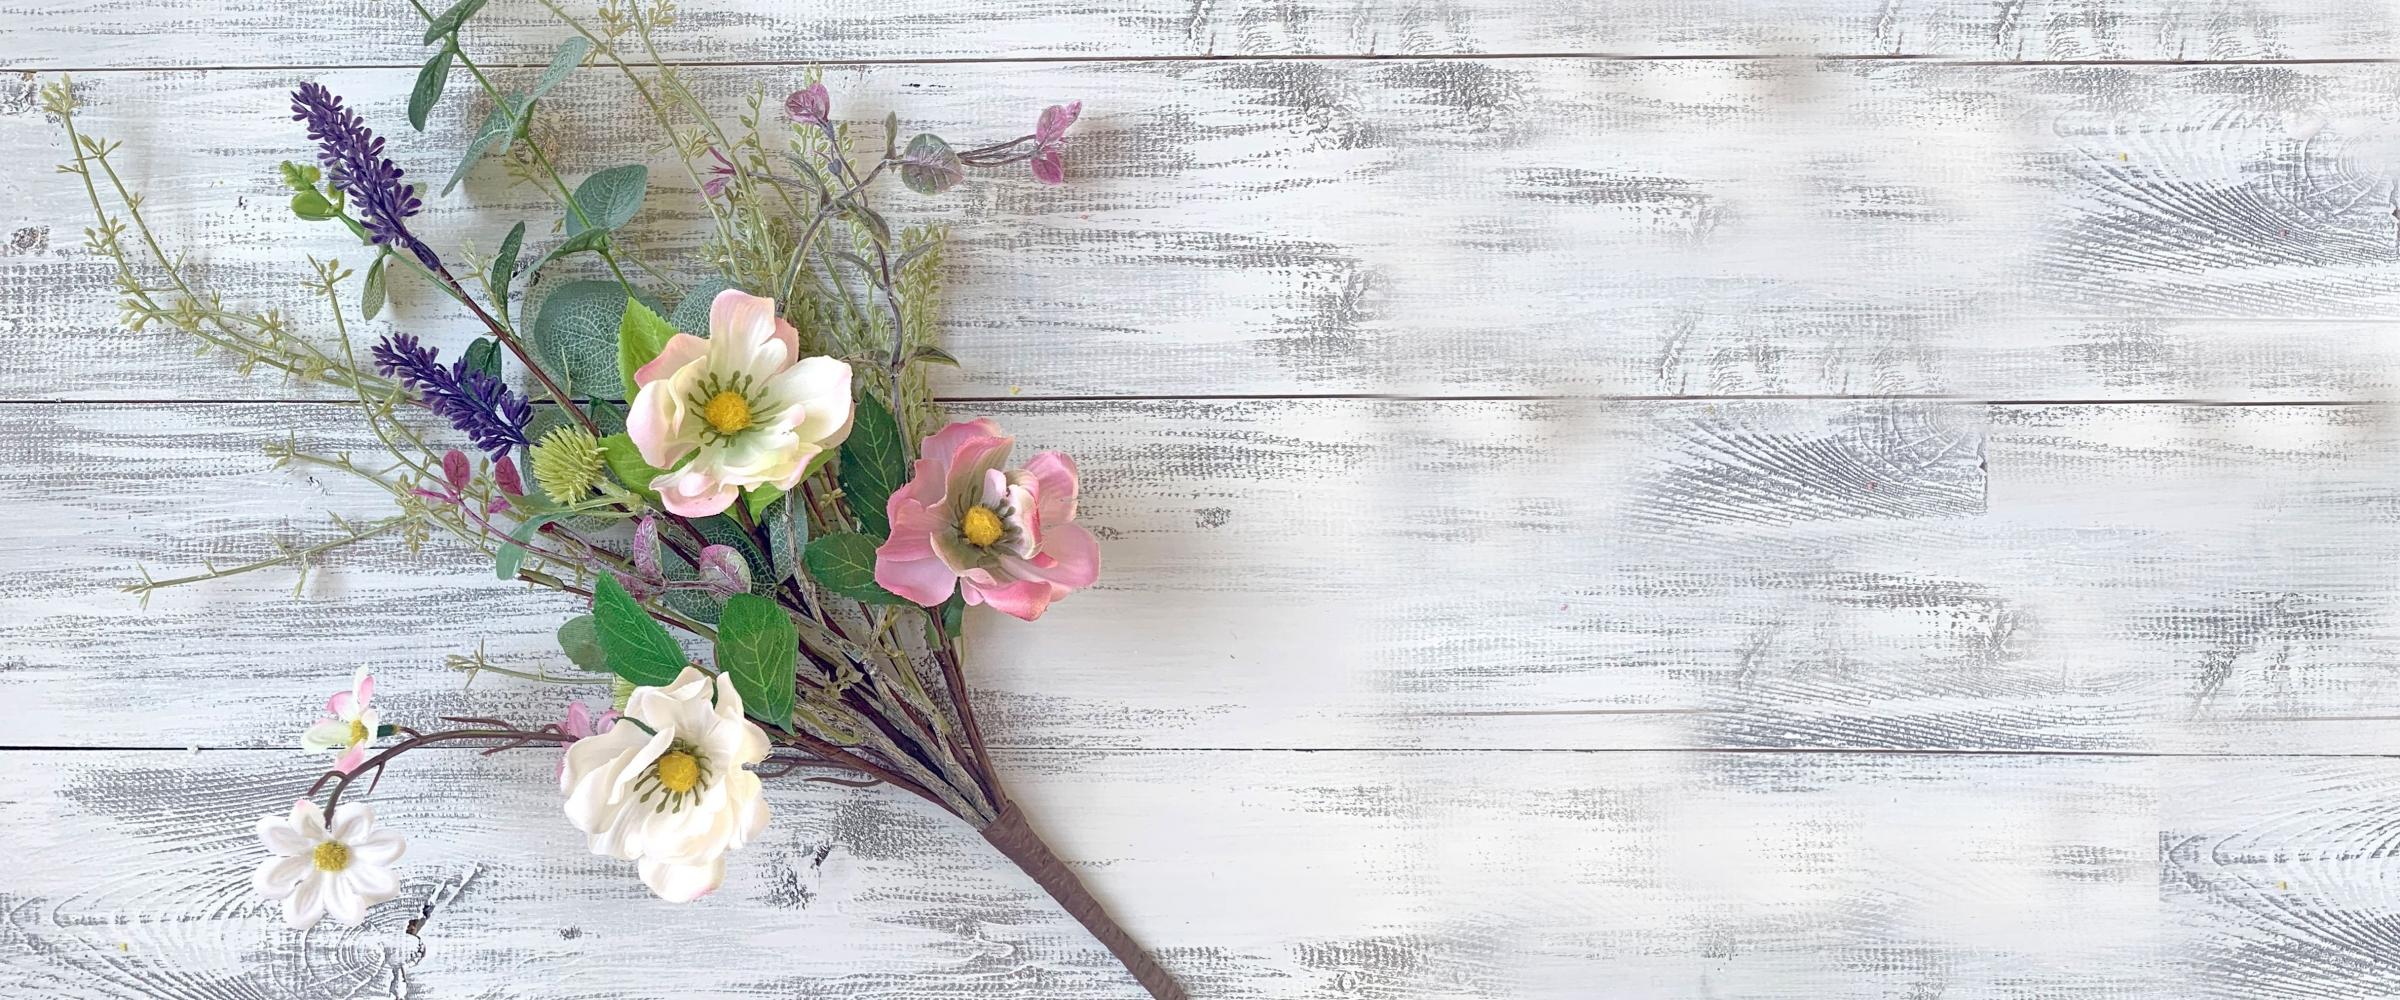 Camellia Flower Pick